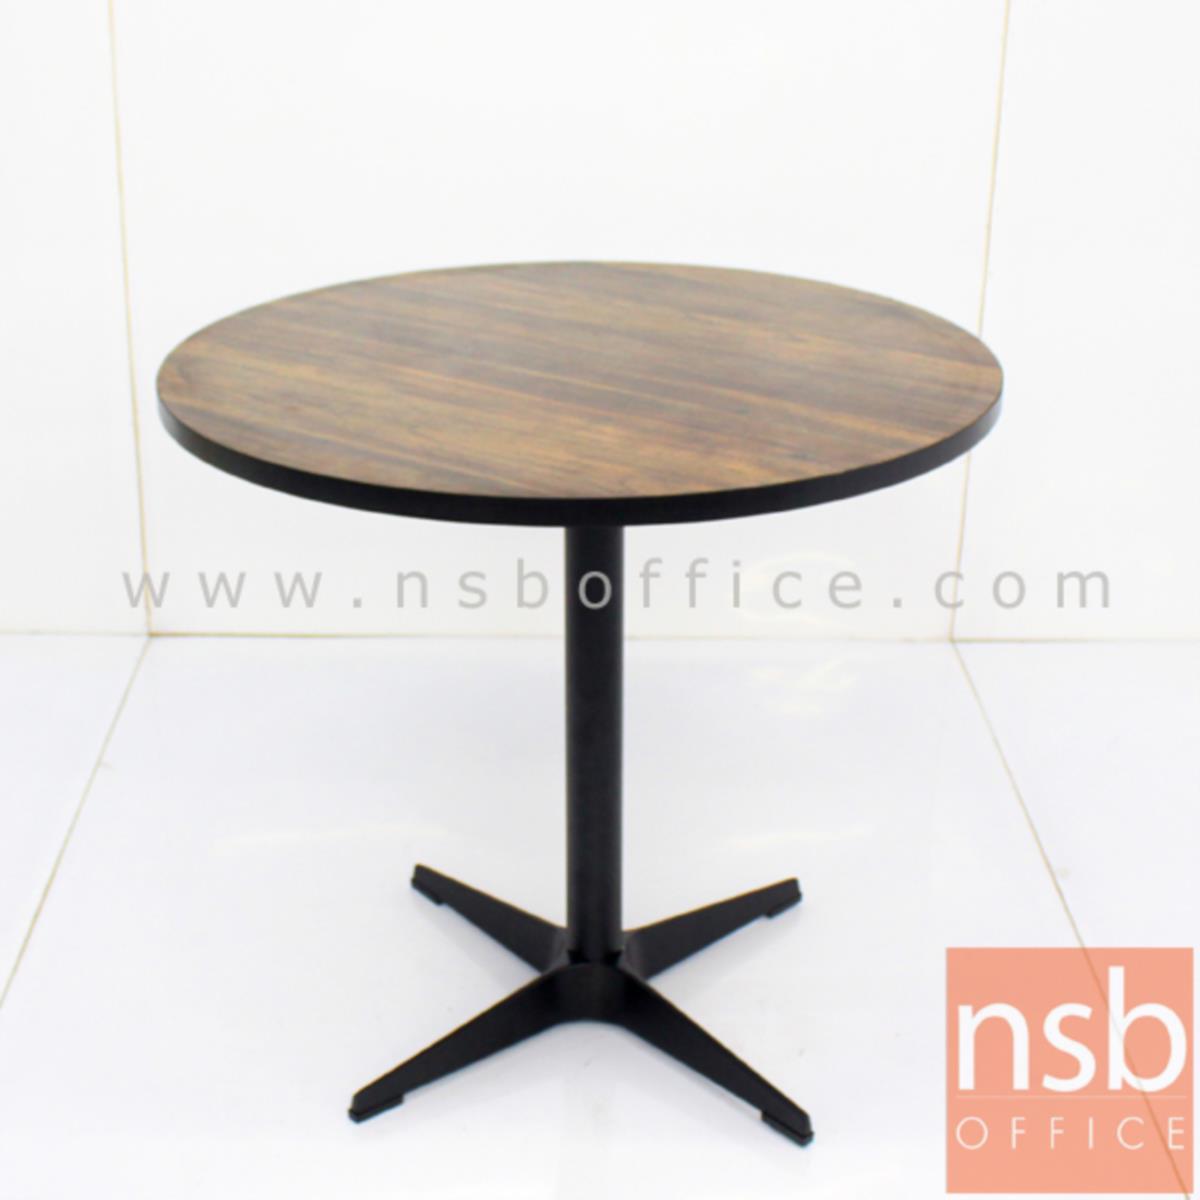 โต๊ะบาร์ COFFEE รุ่น Lovisa (โลวิซา)  ขนาด 60Di ,70Di ,60W ,70Wcm.  ขาสี่แฉกแบบเรียบ